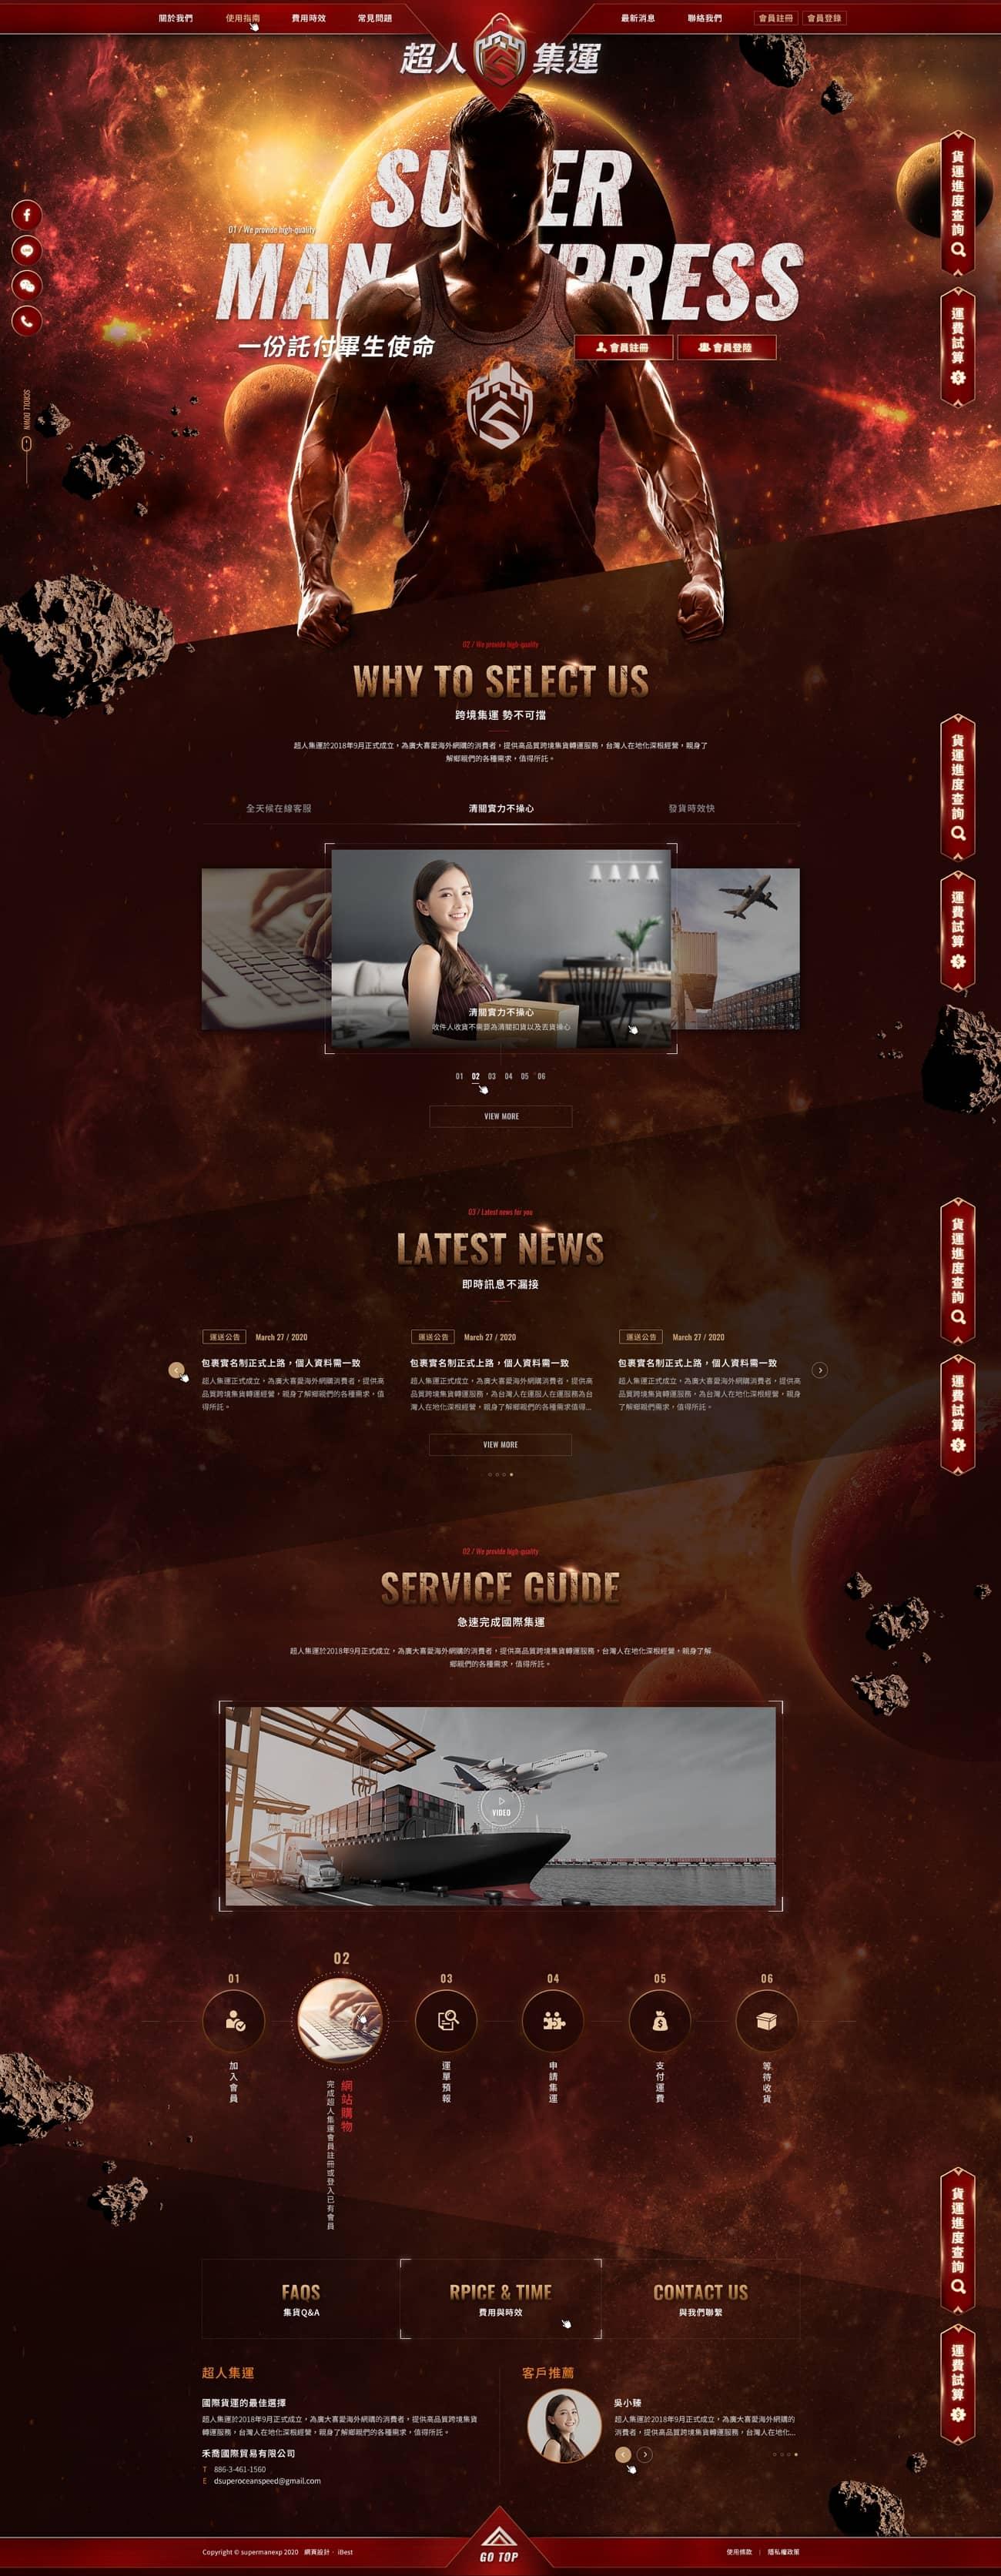 超人集運-網頁設計